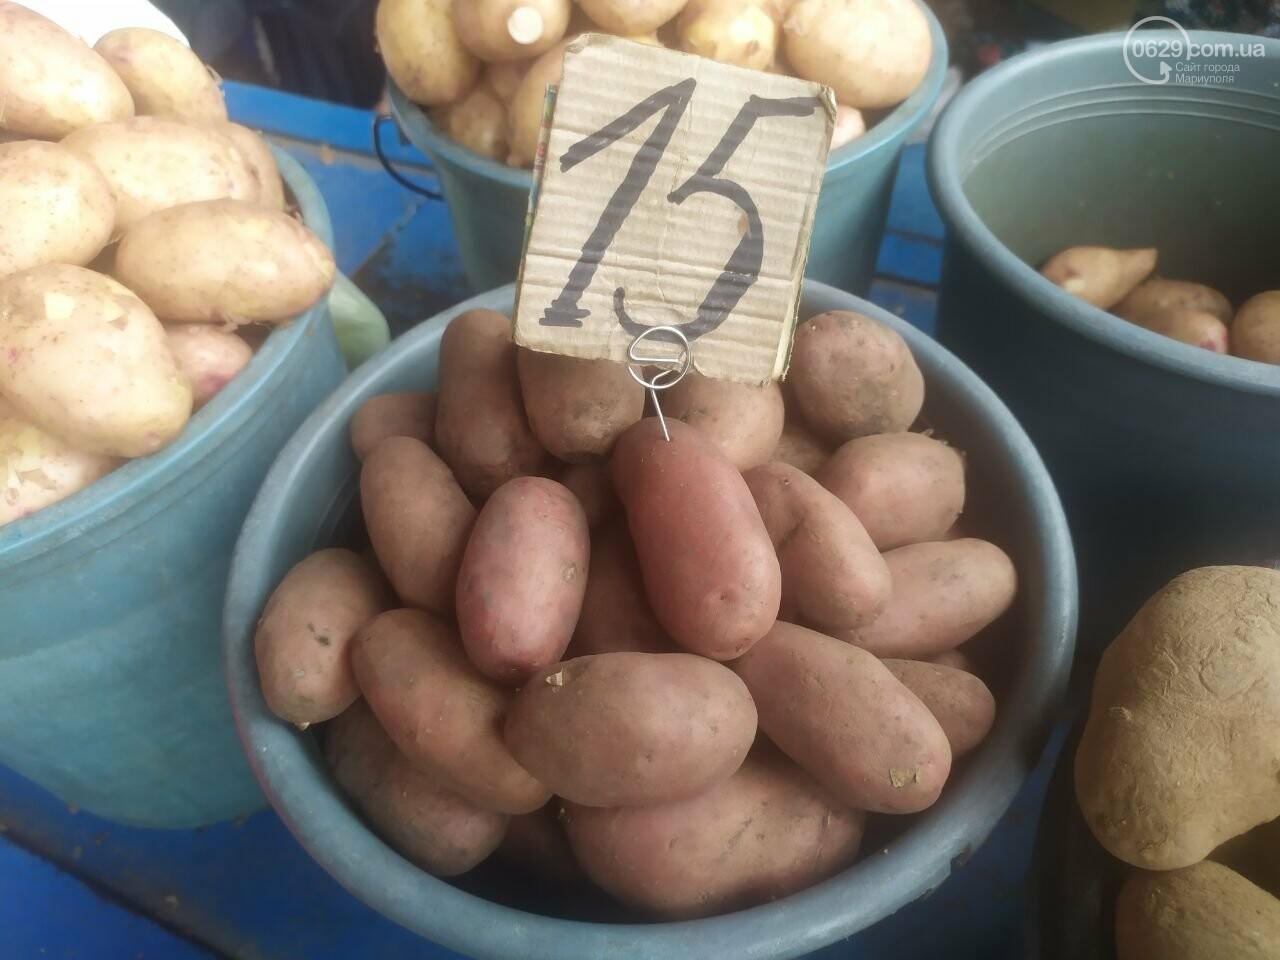 Опасна ли картошка, которую продают в Мариуполе, фото-5